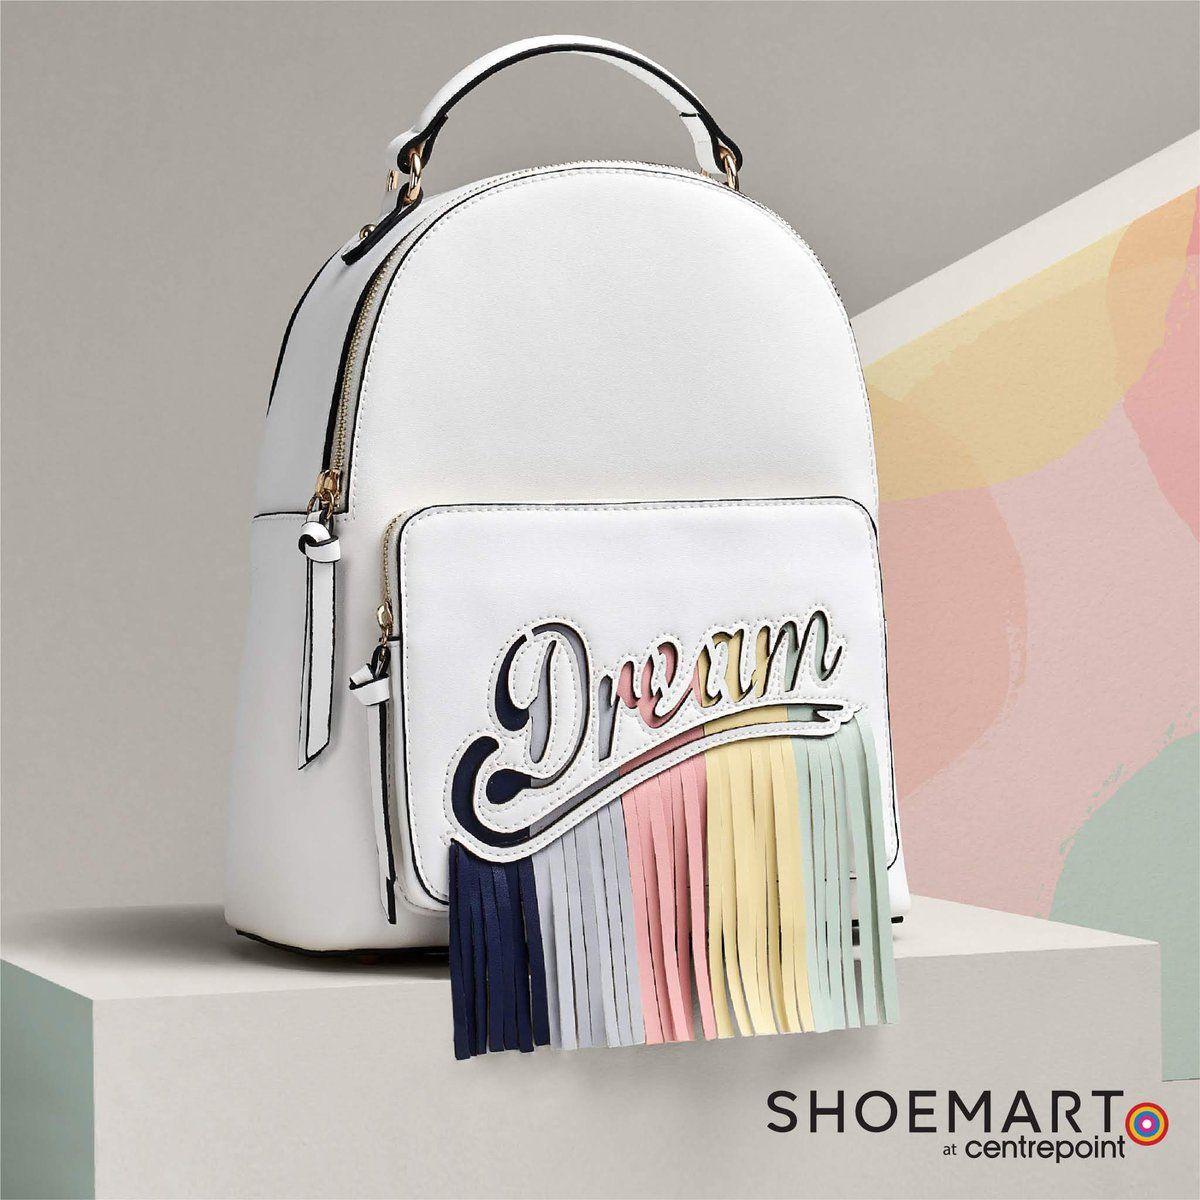 امزجي الرقي مع طراز عصري مناسب لفصل الربيع تسوقي الآن في متاجرنا وأونلاين سنتربوينت Shoemartgulf P Img Src H Fashion Backpack Backpacks Jollychic